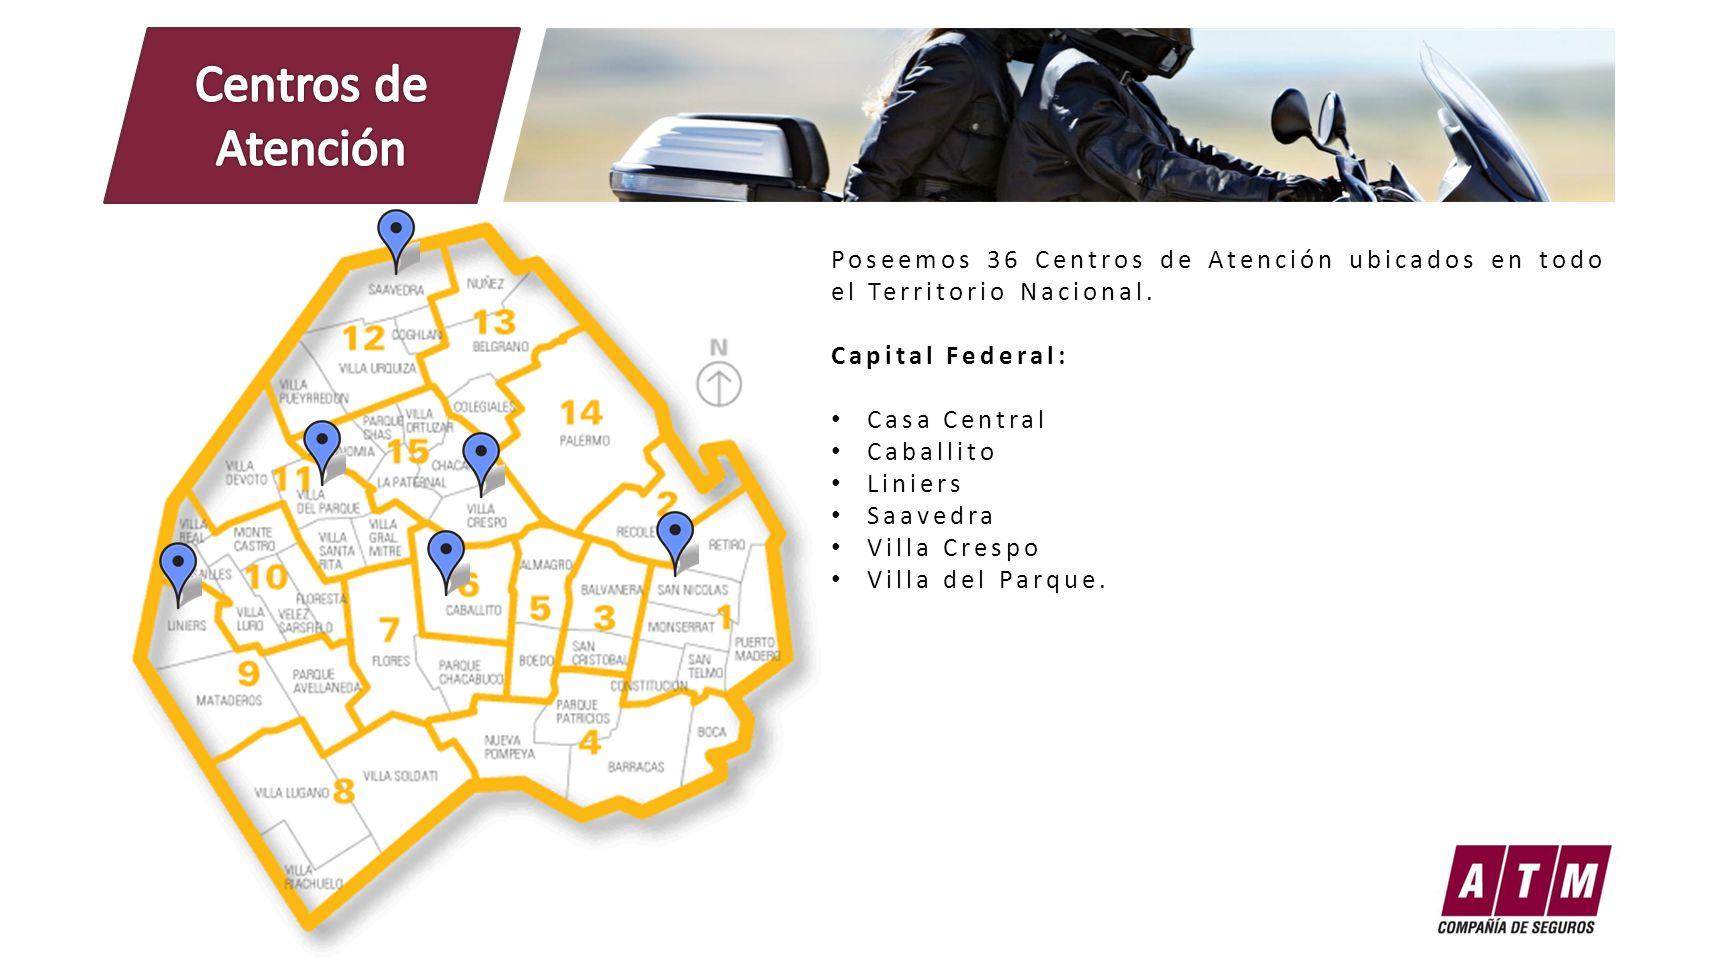 Centros de Atención Poseemos 36 Centros de Atención ubicados en todo el Territorio Nacional. Capital Federal: